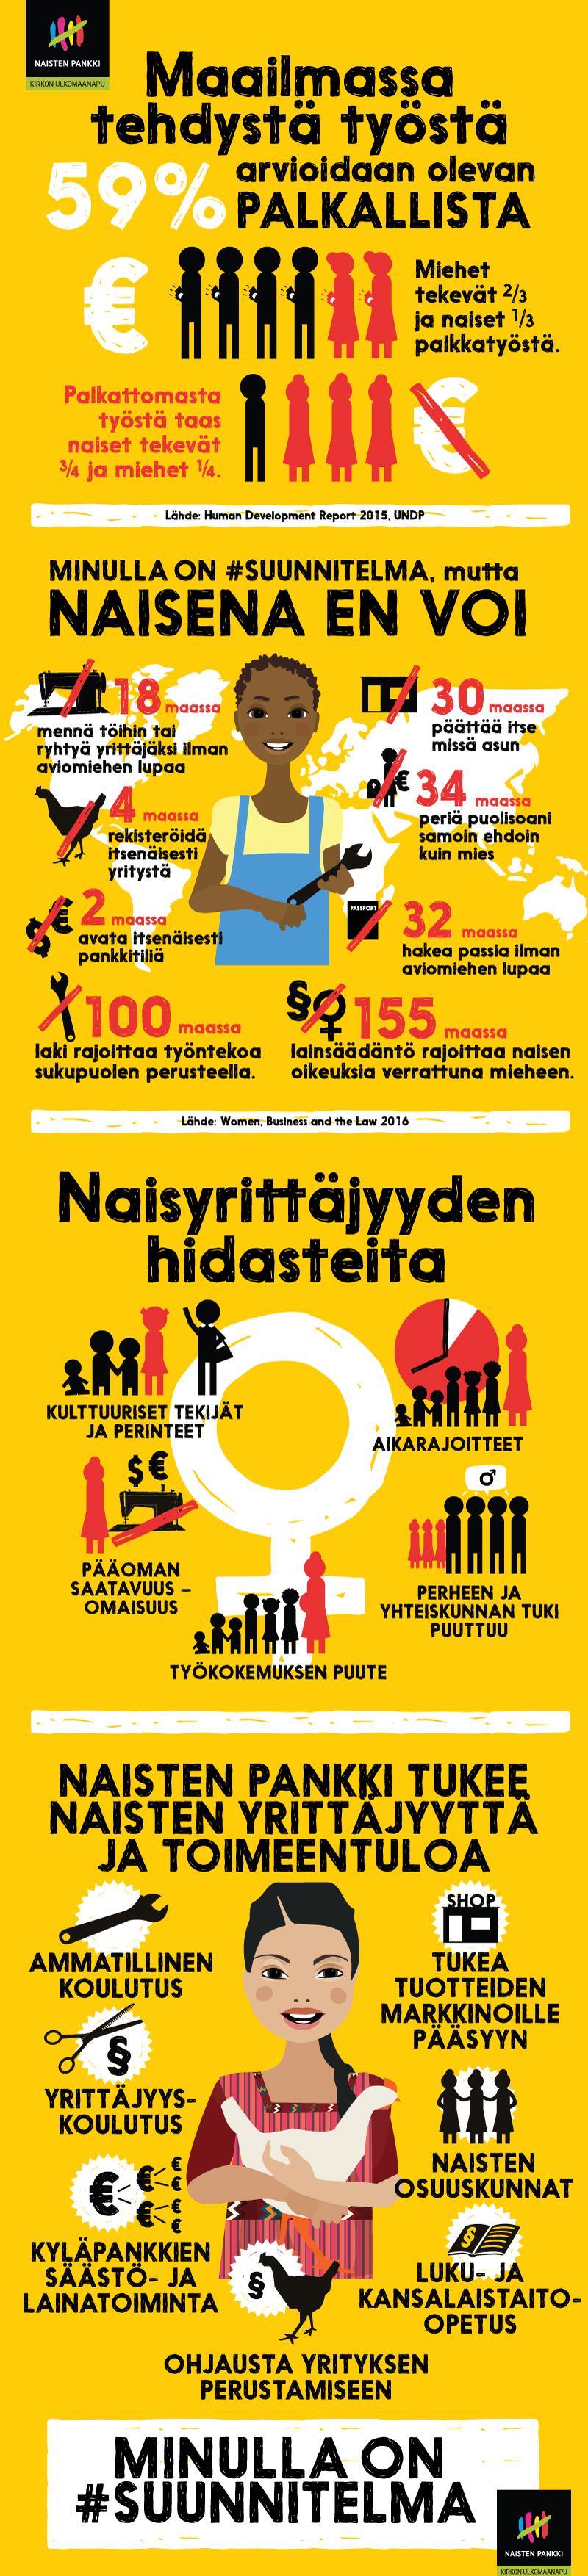 Infograafi Naisten yrittäjyys ja toimeentulo